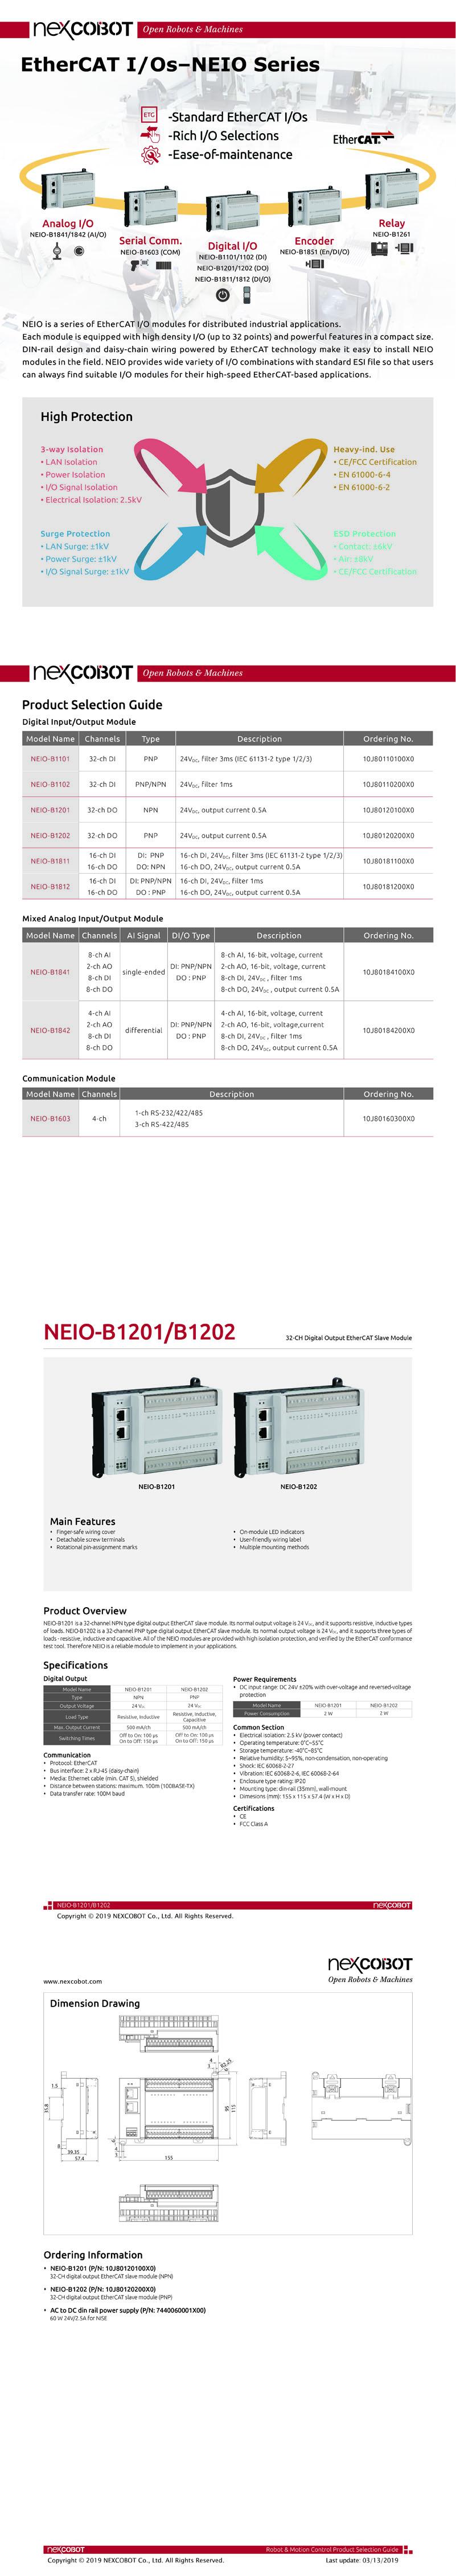 NEIO-B1202_L 2.jpg